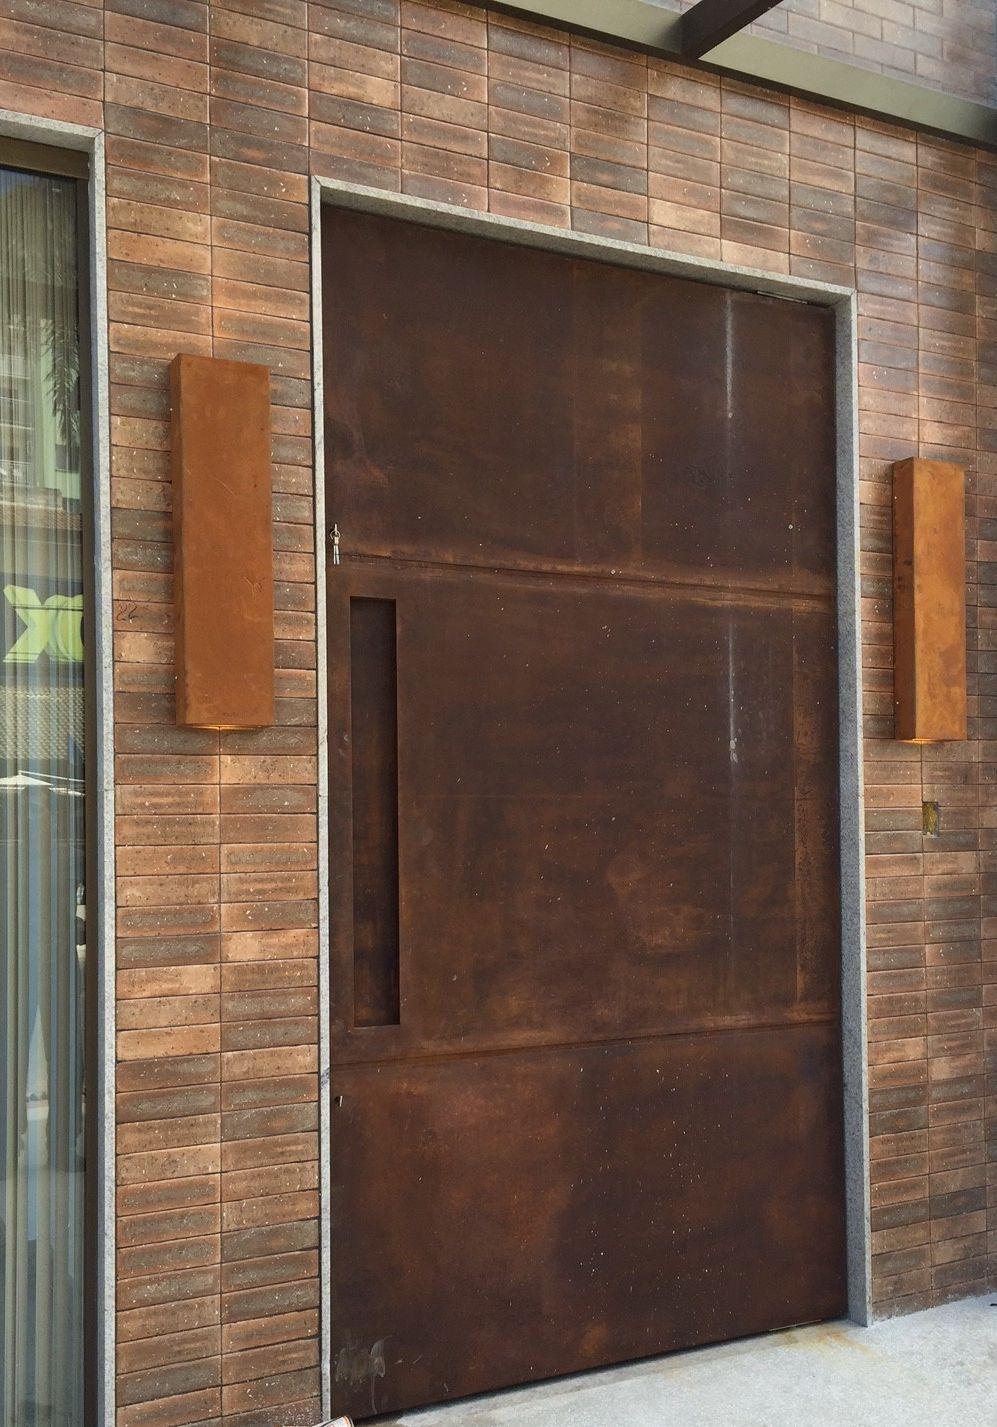 Ordinaire Fabricamos Qualquer Tipo De Produto Em Aço CORTEN, Escapas, Portas,  Portões, Fachadas